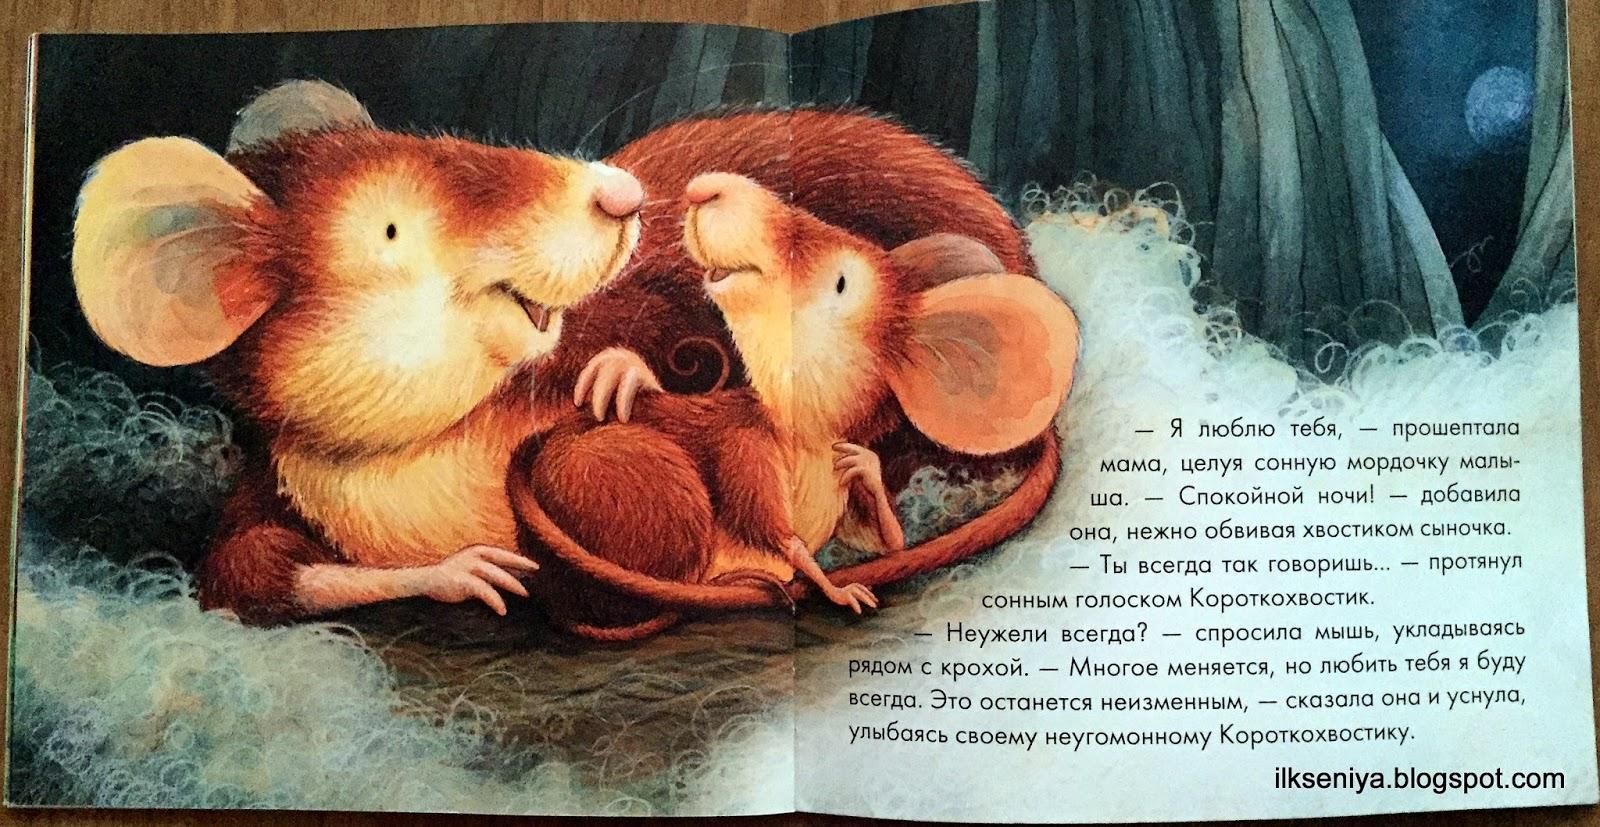 Спокойной ночи мышки веселые картинки, первым месяцем